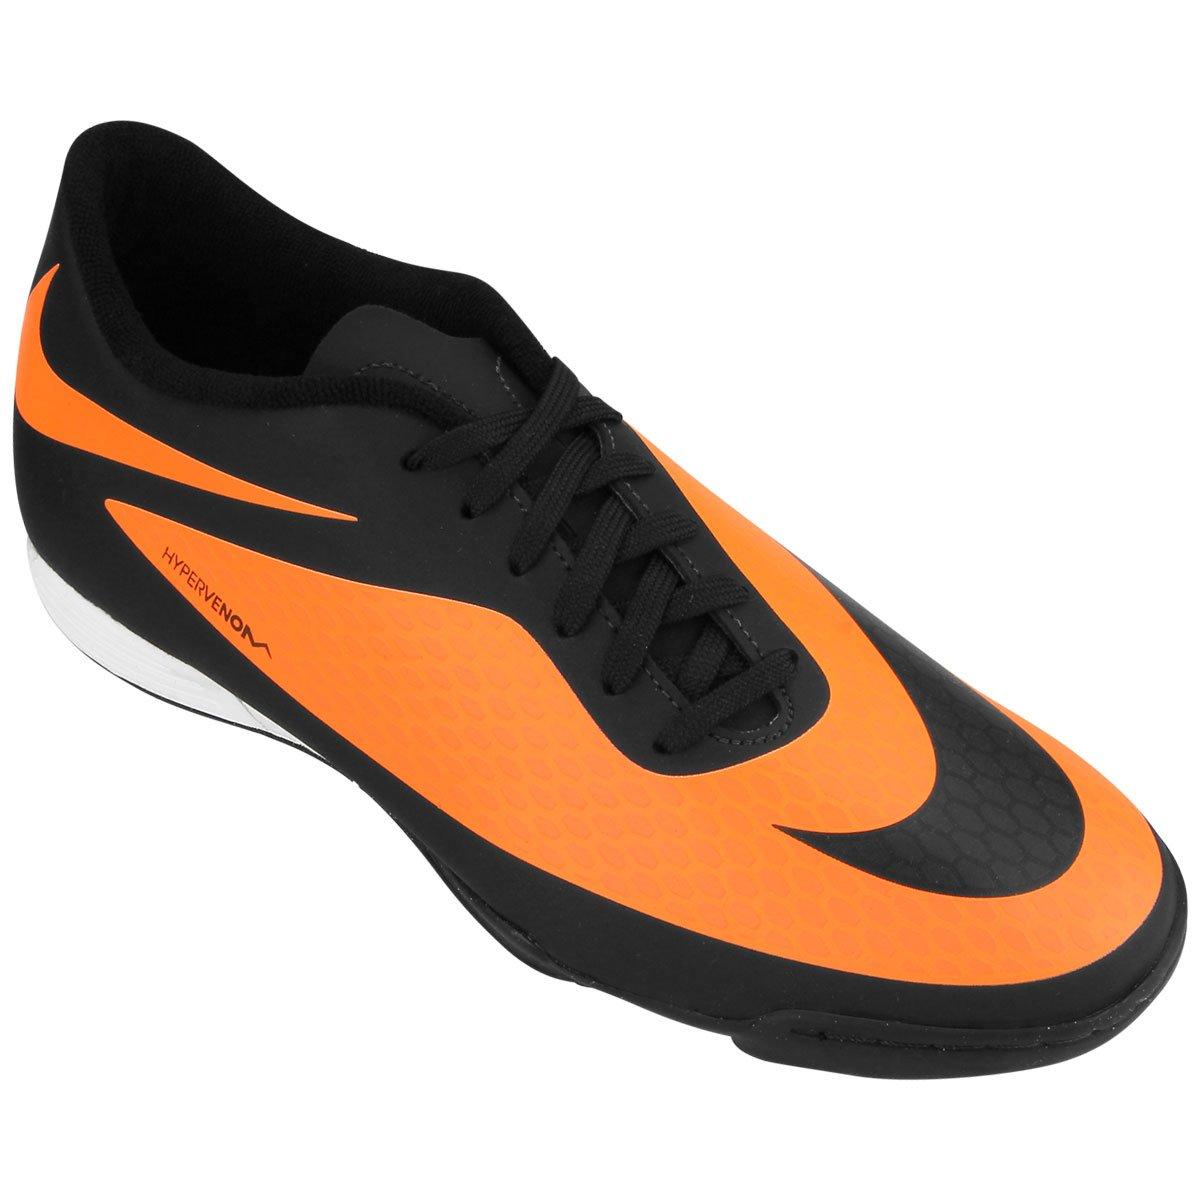 15bbf7157fa61 Chuteira Nike Hypervenom Phade TF - Compre Agora